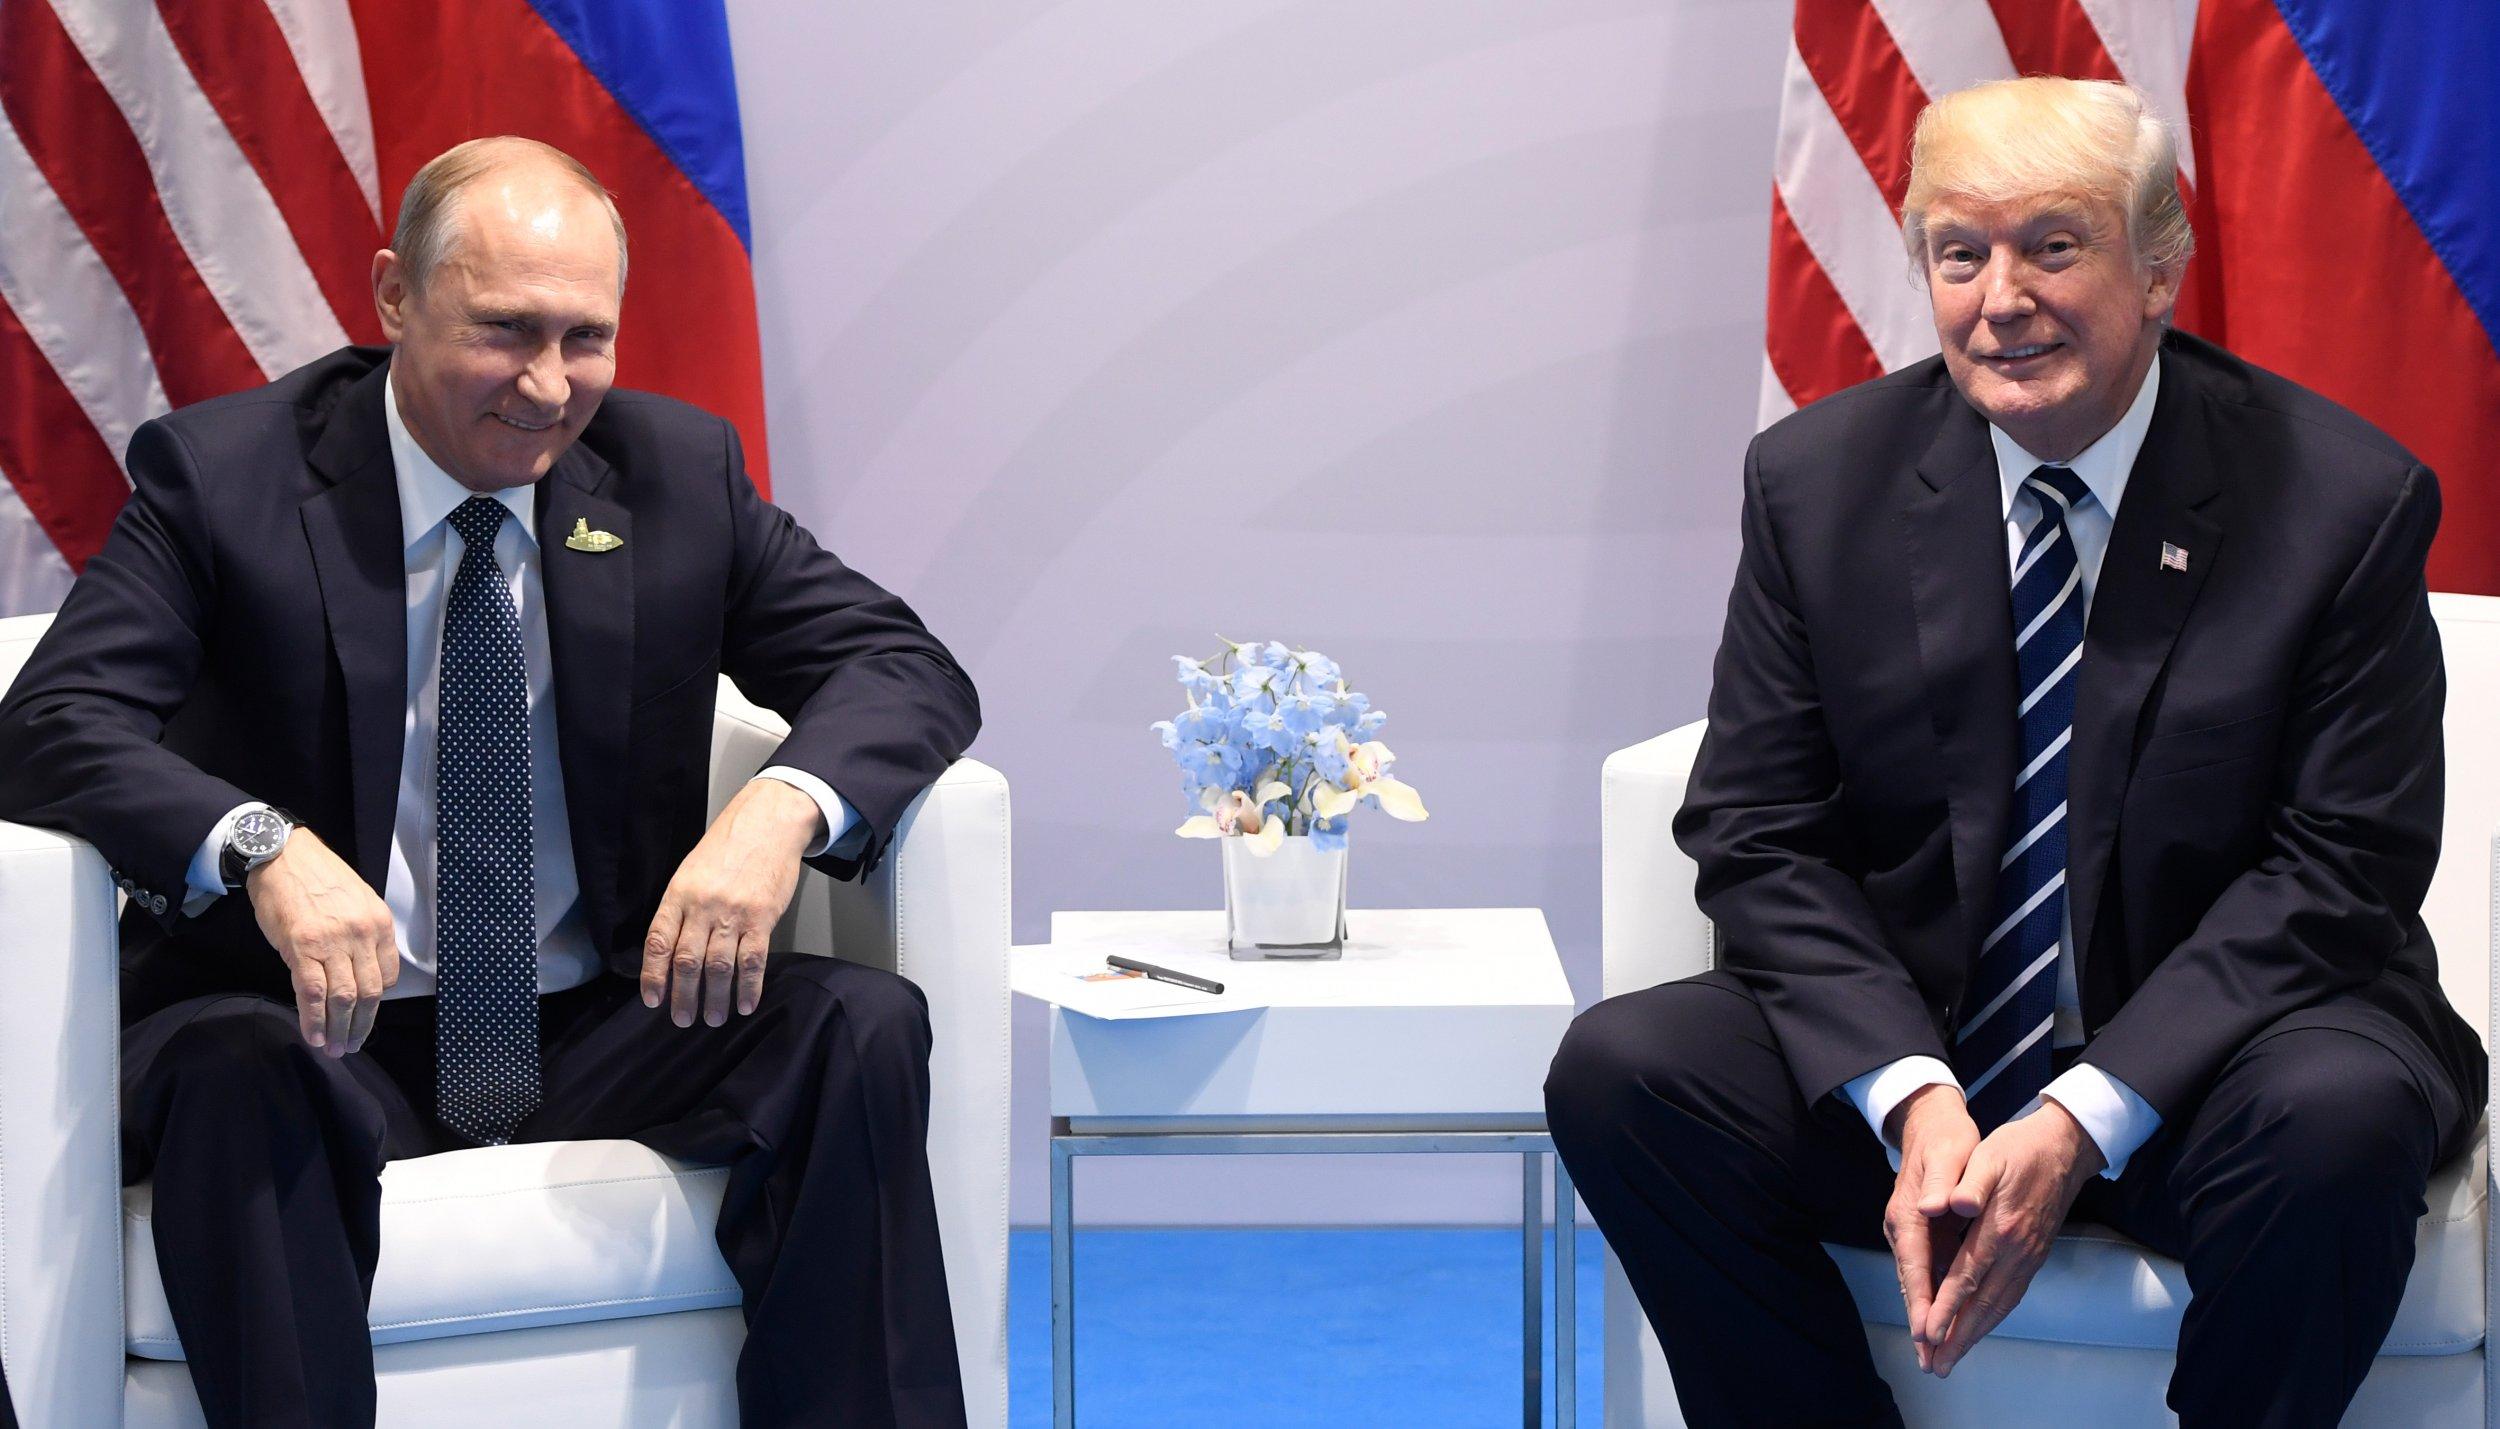 Trump and Putin at G20